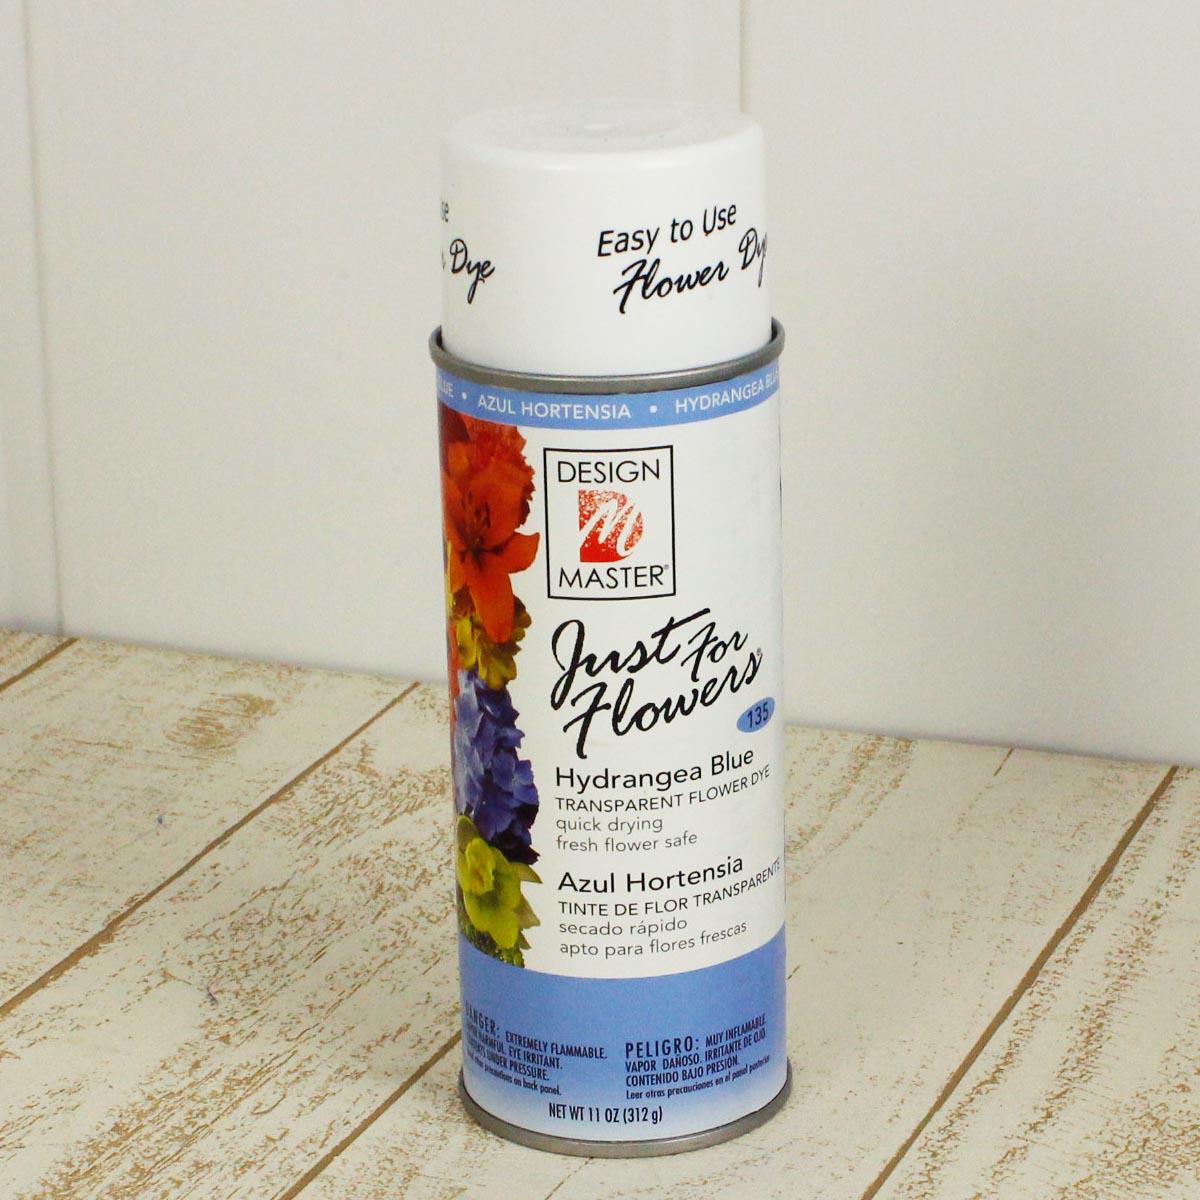 花資材 道具 グリッター カラースプレー 即日 メーカー公式 オアシス Just ハイドレンジアブルー 135 for 400ml 人気海外一番 flowers